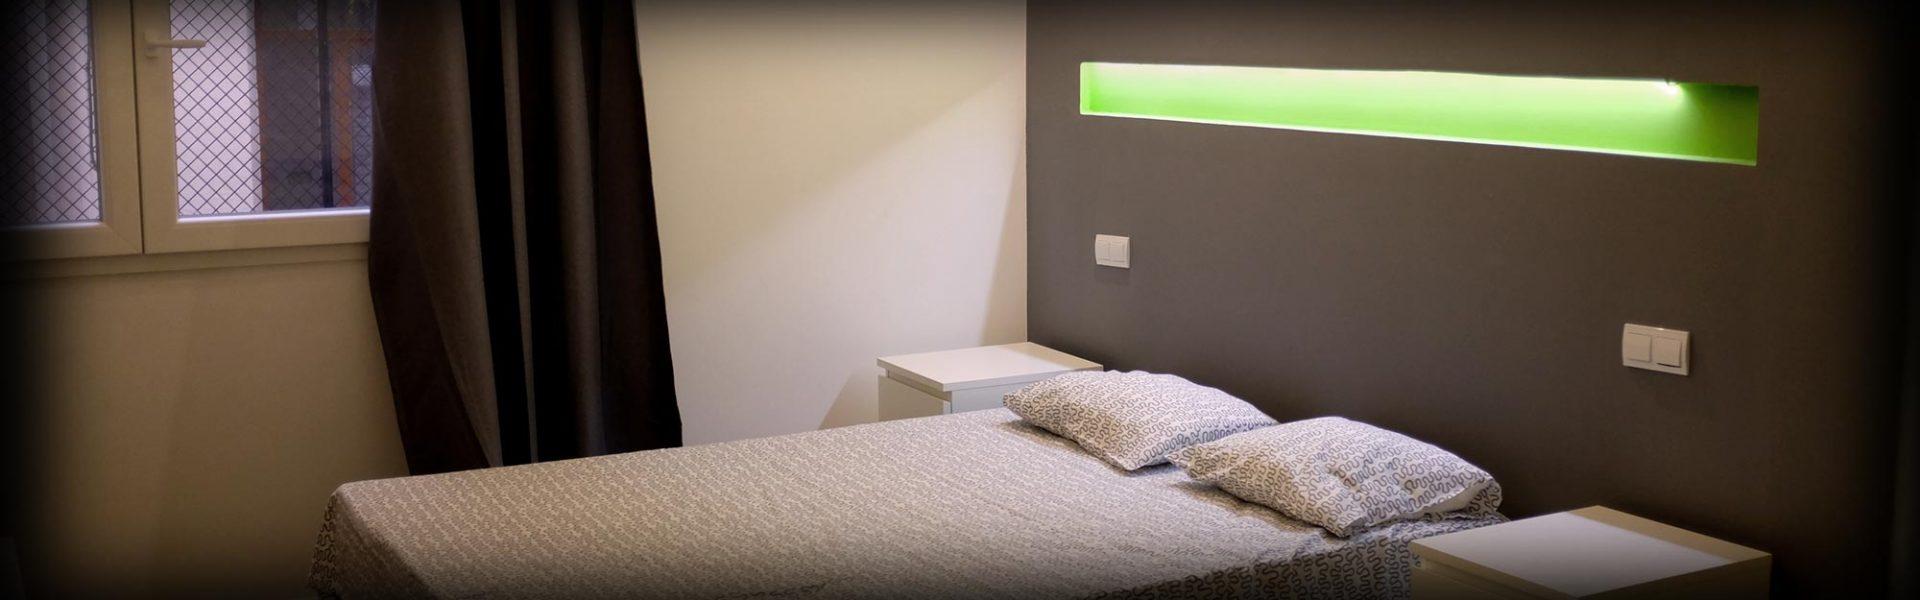 Contacto apartamentos galileo alquiler de apartamentos por meses madrid espa a - Alquiler por meses madrid ...